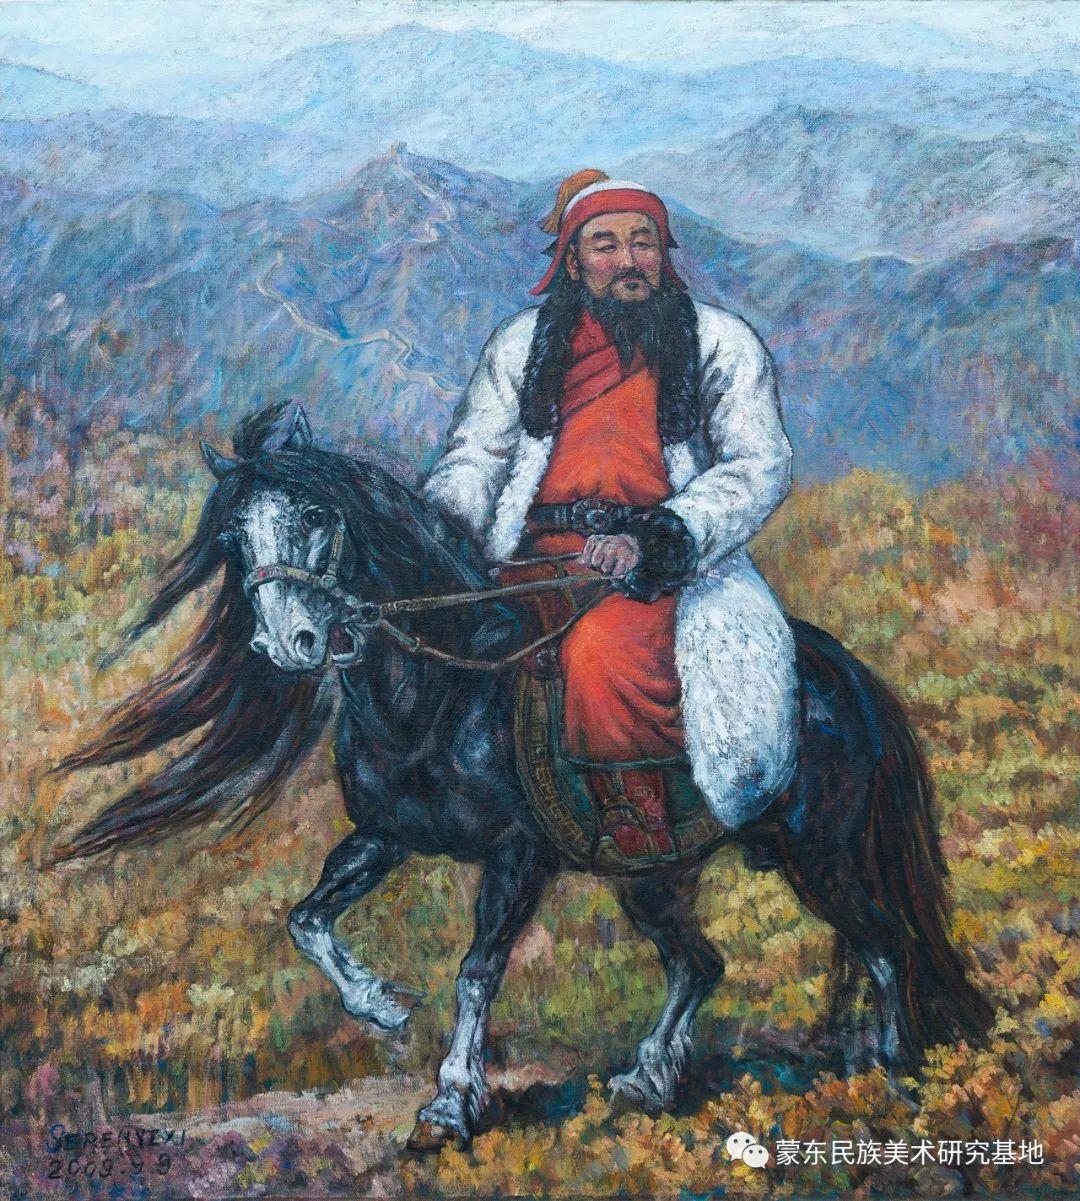 科尔沁首届油画展作品集 第6张 科尔沁首届油画展作品集 蒙古画廊